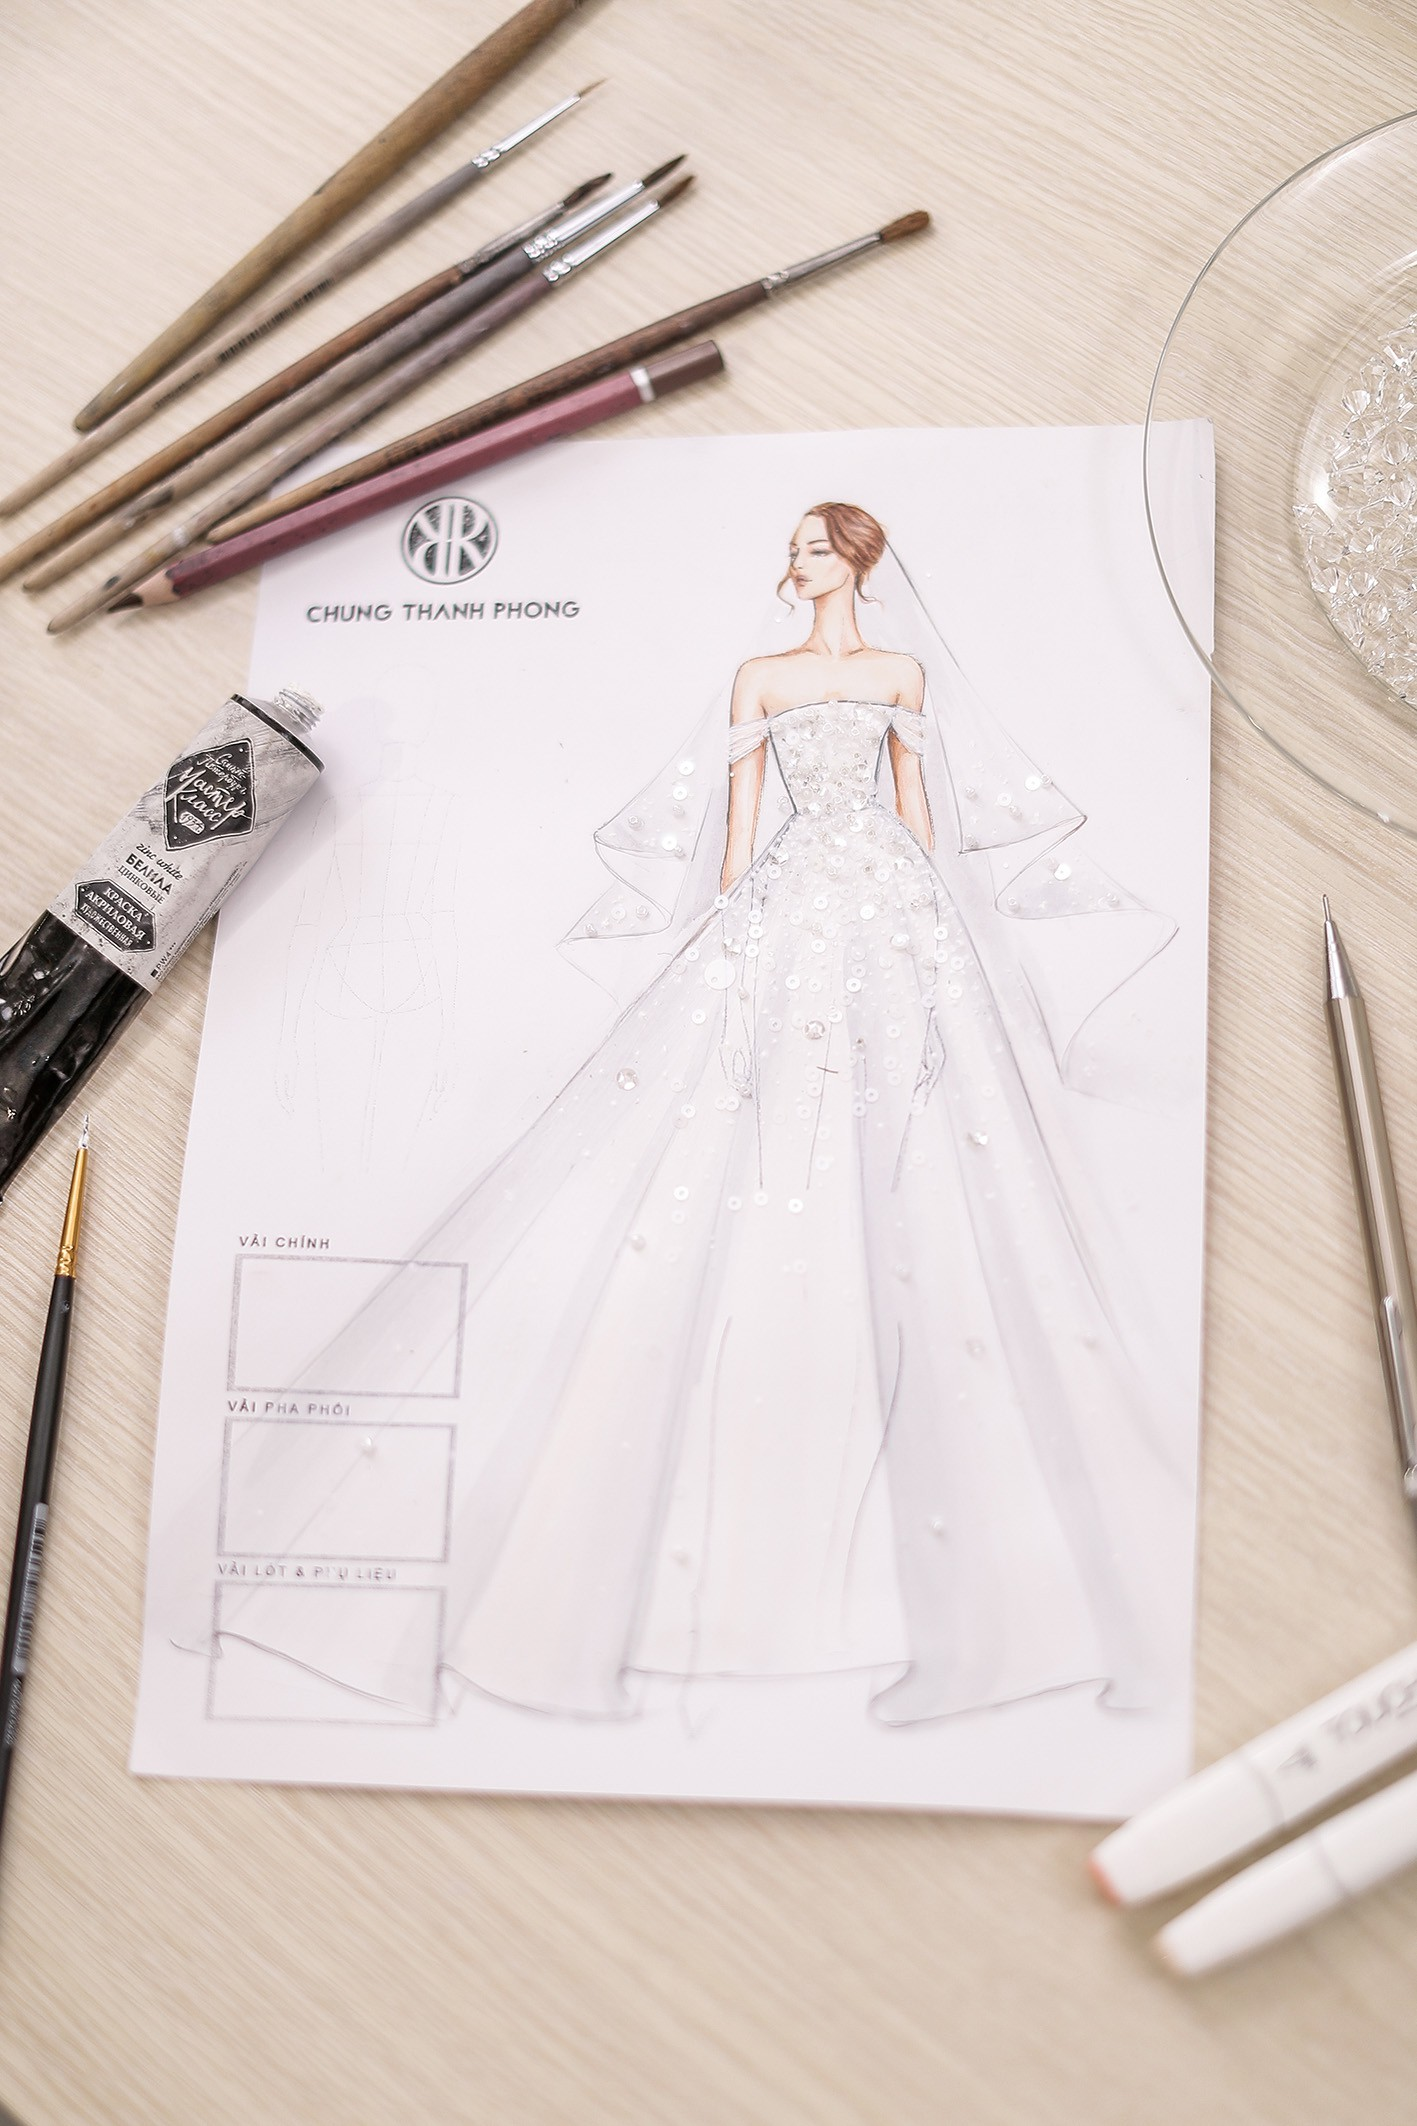 Á hậu Tú Anh lộng lẫy như cô dâu cổ tích khi diện váy cưới đính kết hơn 20.000 viên pha lê trong ngày trọng đại - Ảnh 6.